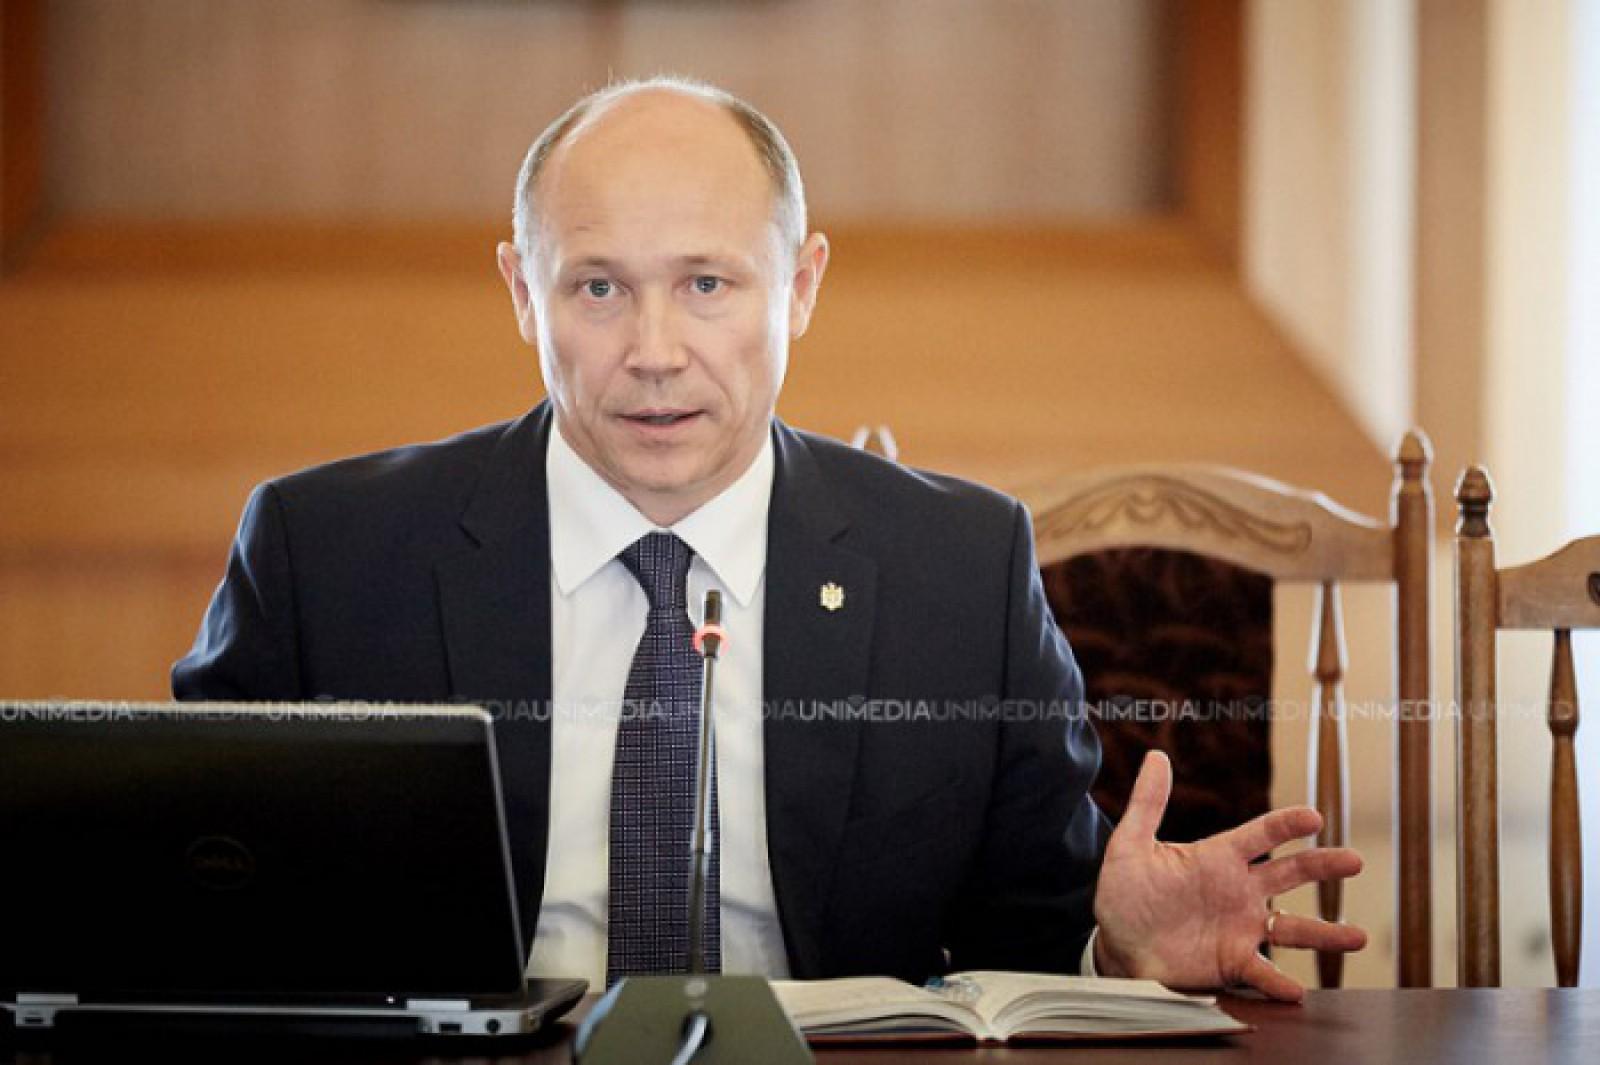 Valeriu Streleț, despre furtul bancar: Autoritățile nu au niciun interes să caute într-o manieră serioasă, deoarece s-ar putea ca acel fir depănat să ducă chiar în curtea celui care a început să caute